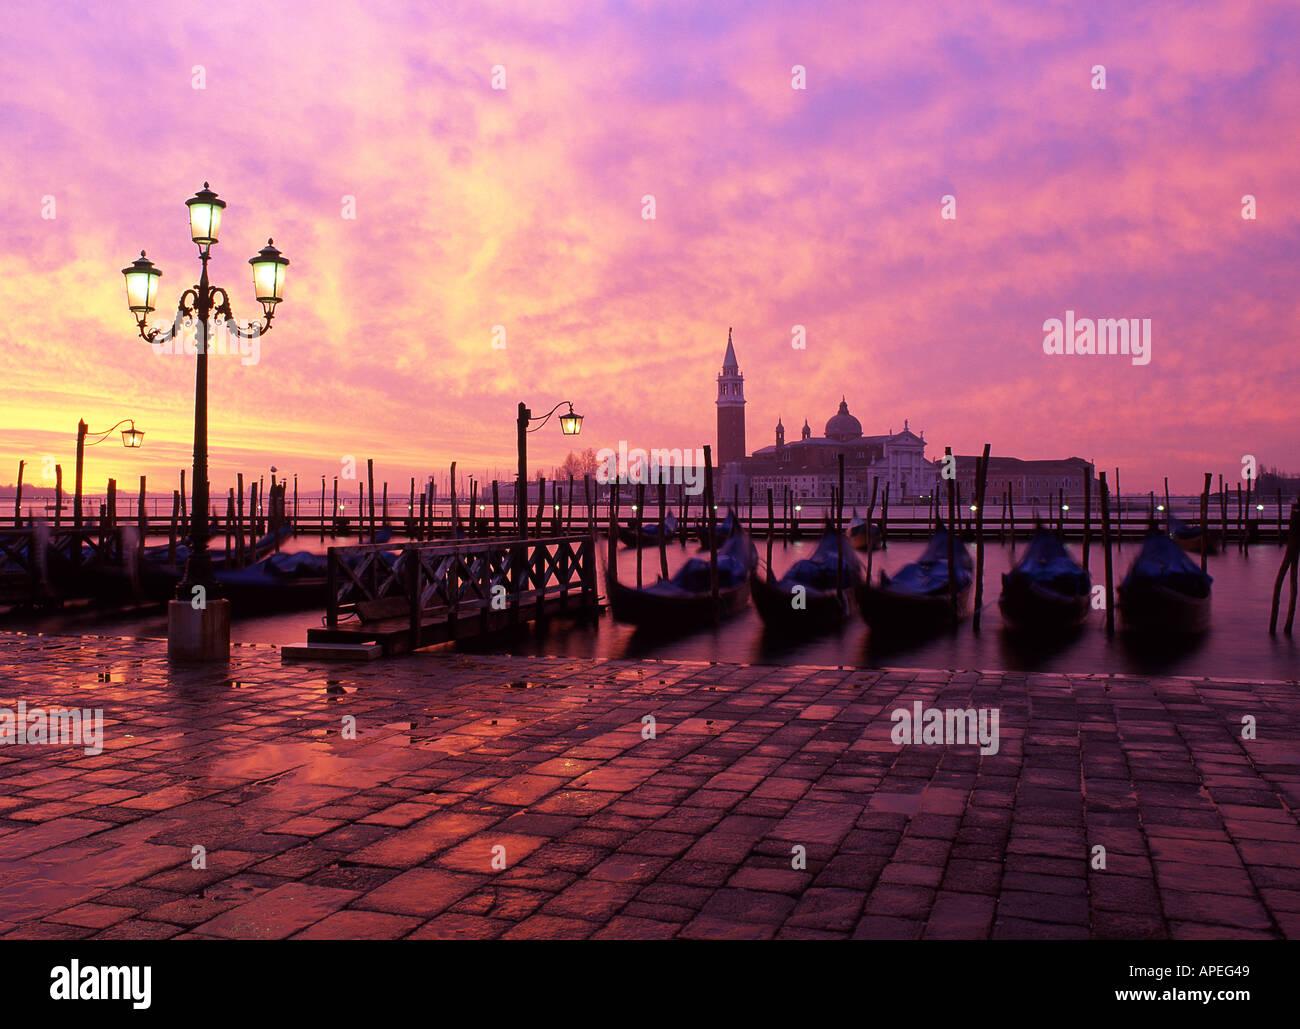 San Giorgio Maggiore from the Molo Gondolas in foreground Dawn view Venice Veneto Italy - Stock Image